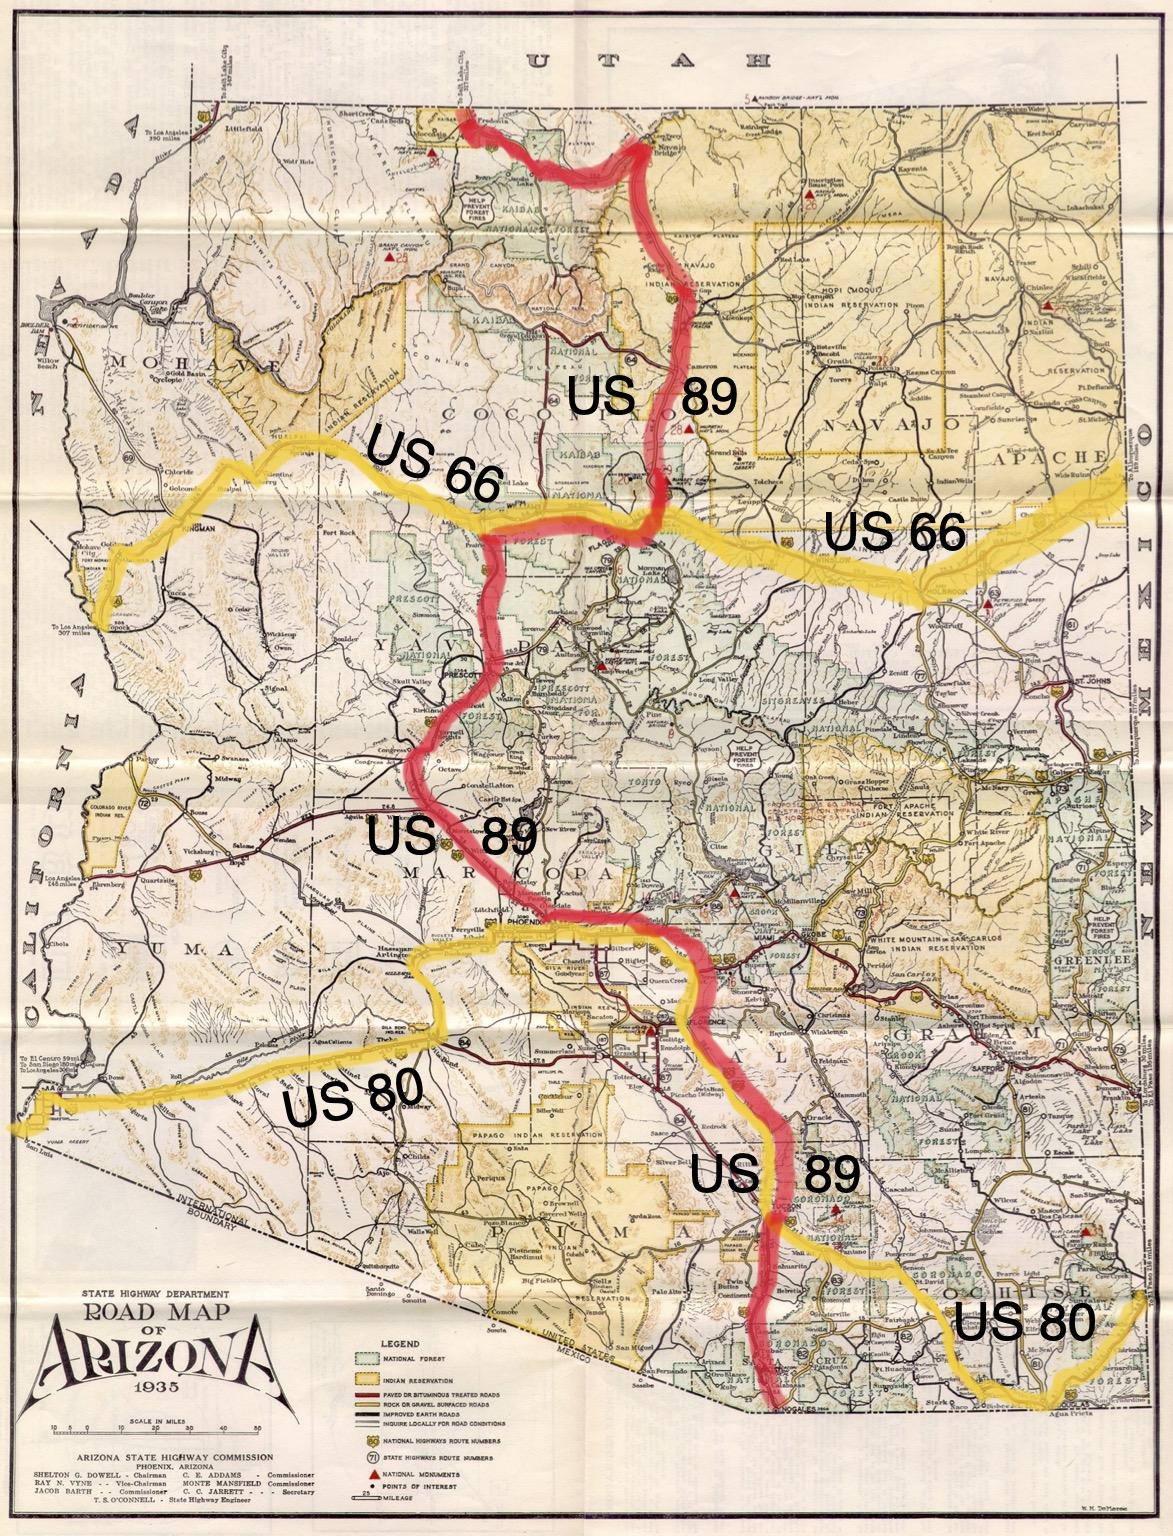 Arizona 1935 Road Map